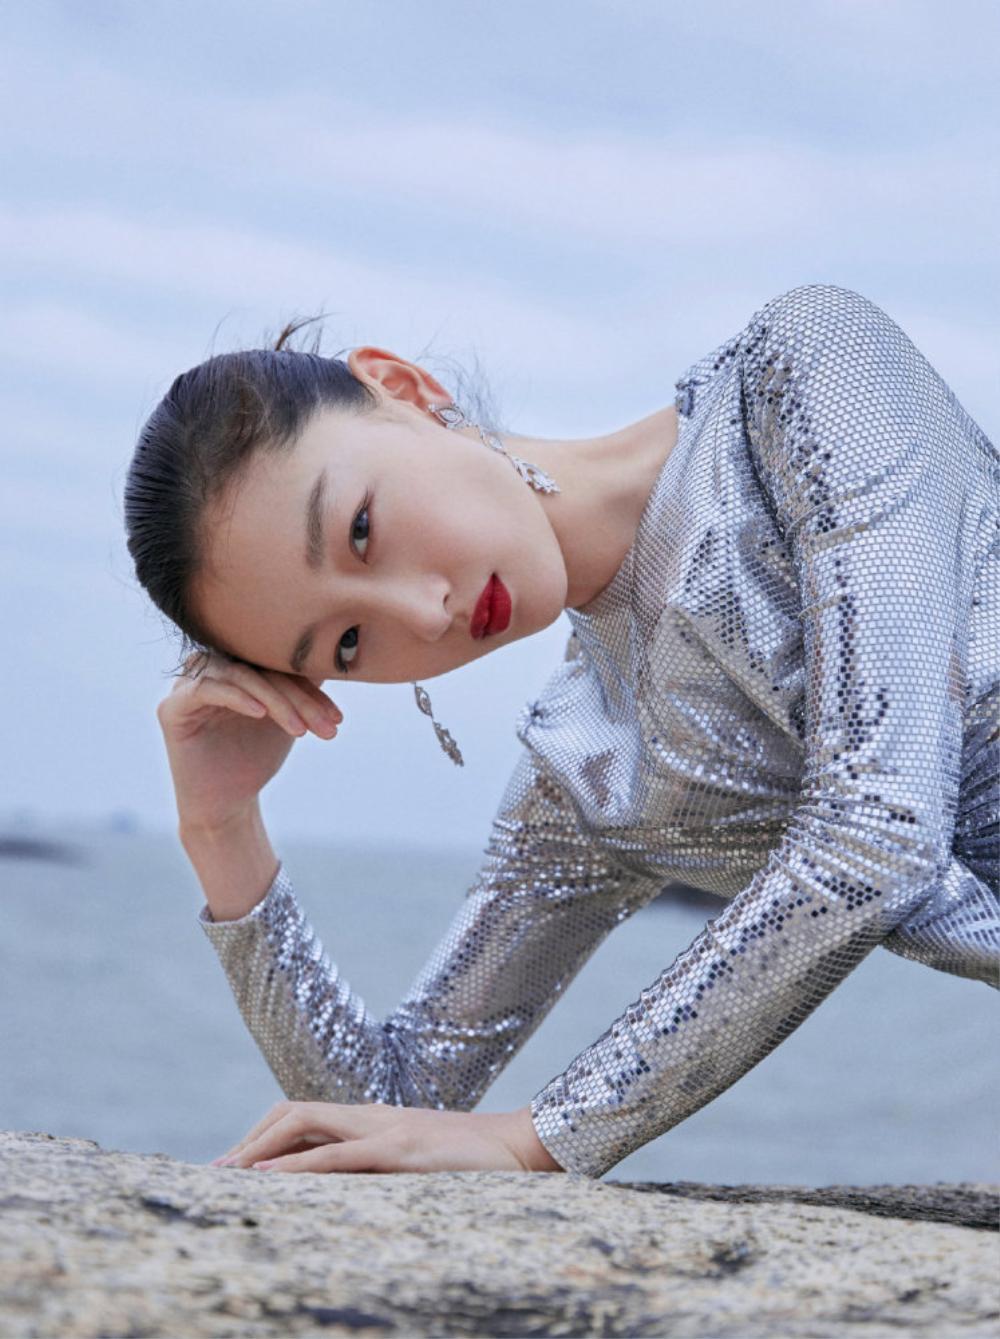 Châu Đông Vũ trở thành Tam kim Ảnh hậu, dân mạng chất vấn: 'Đạo văn cũng nhận được giải?' Ảnh 7